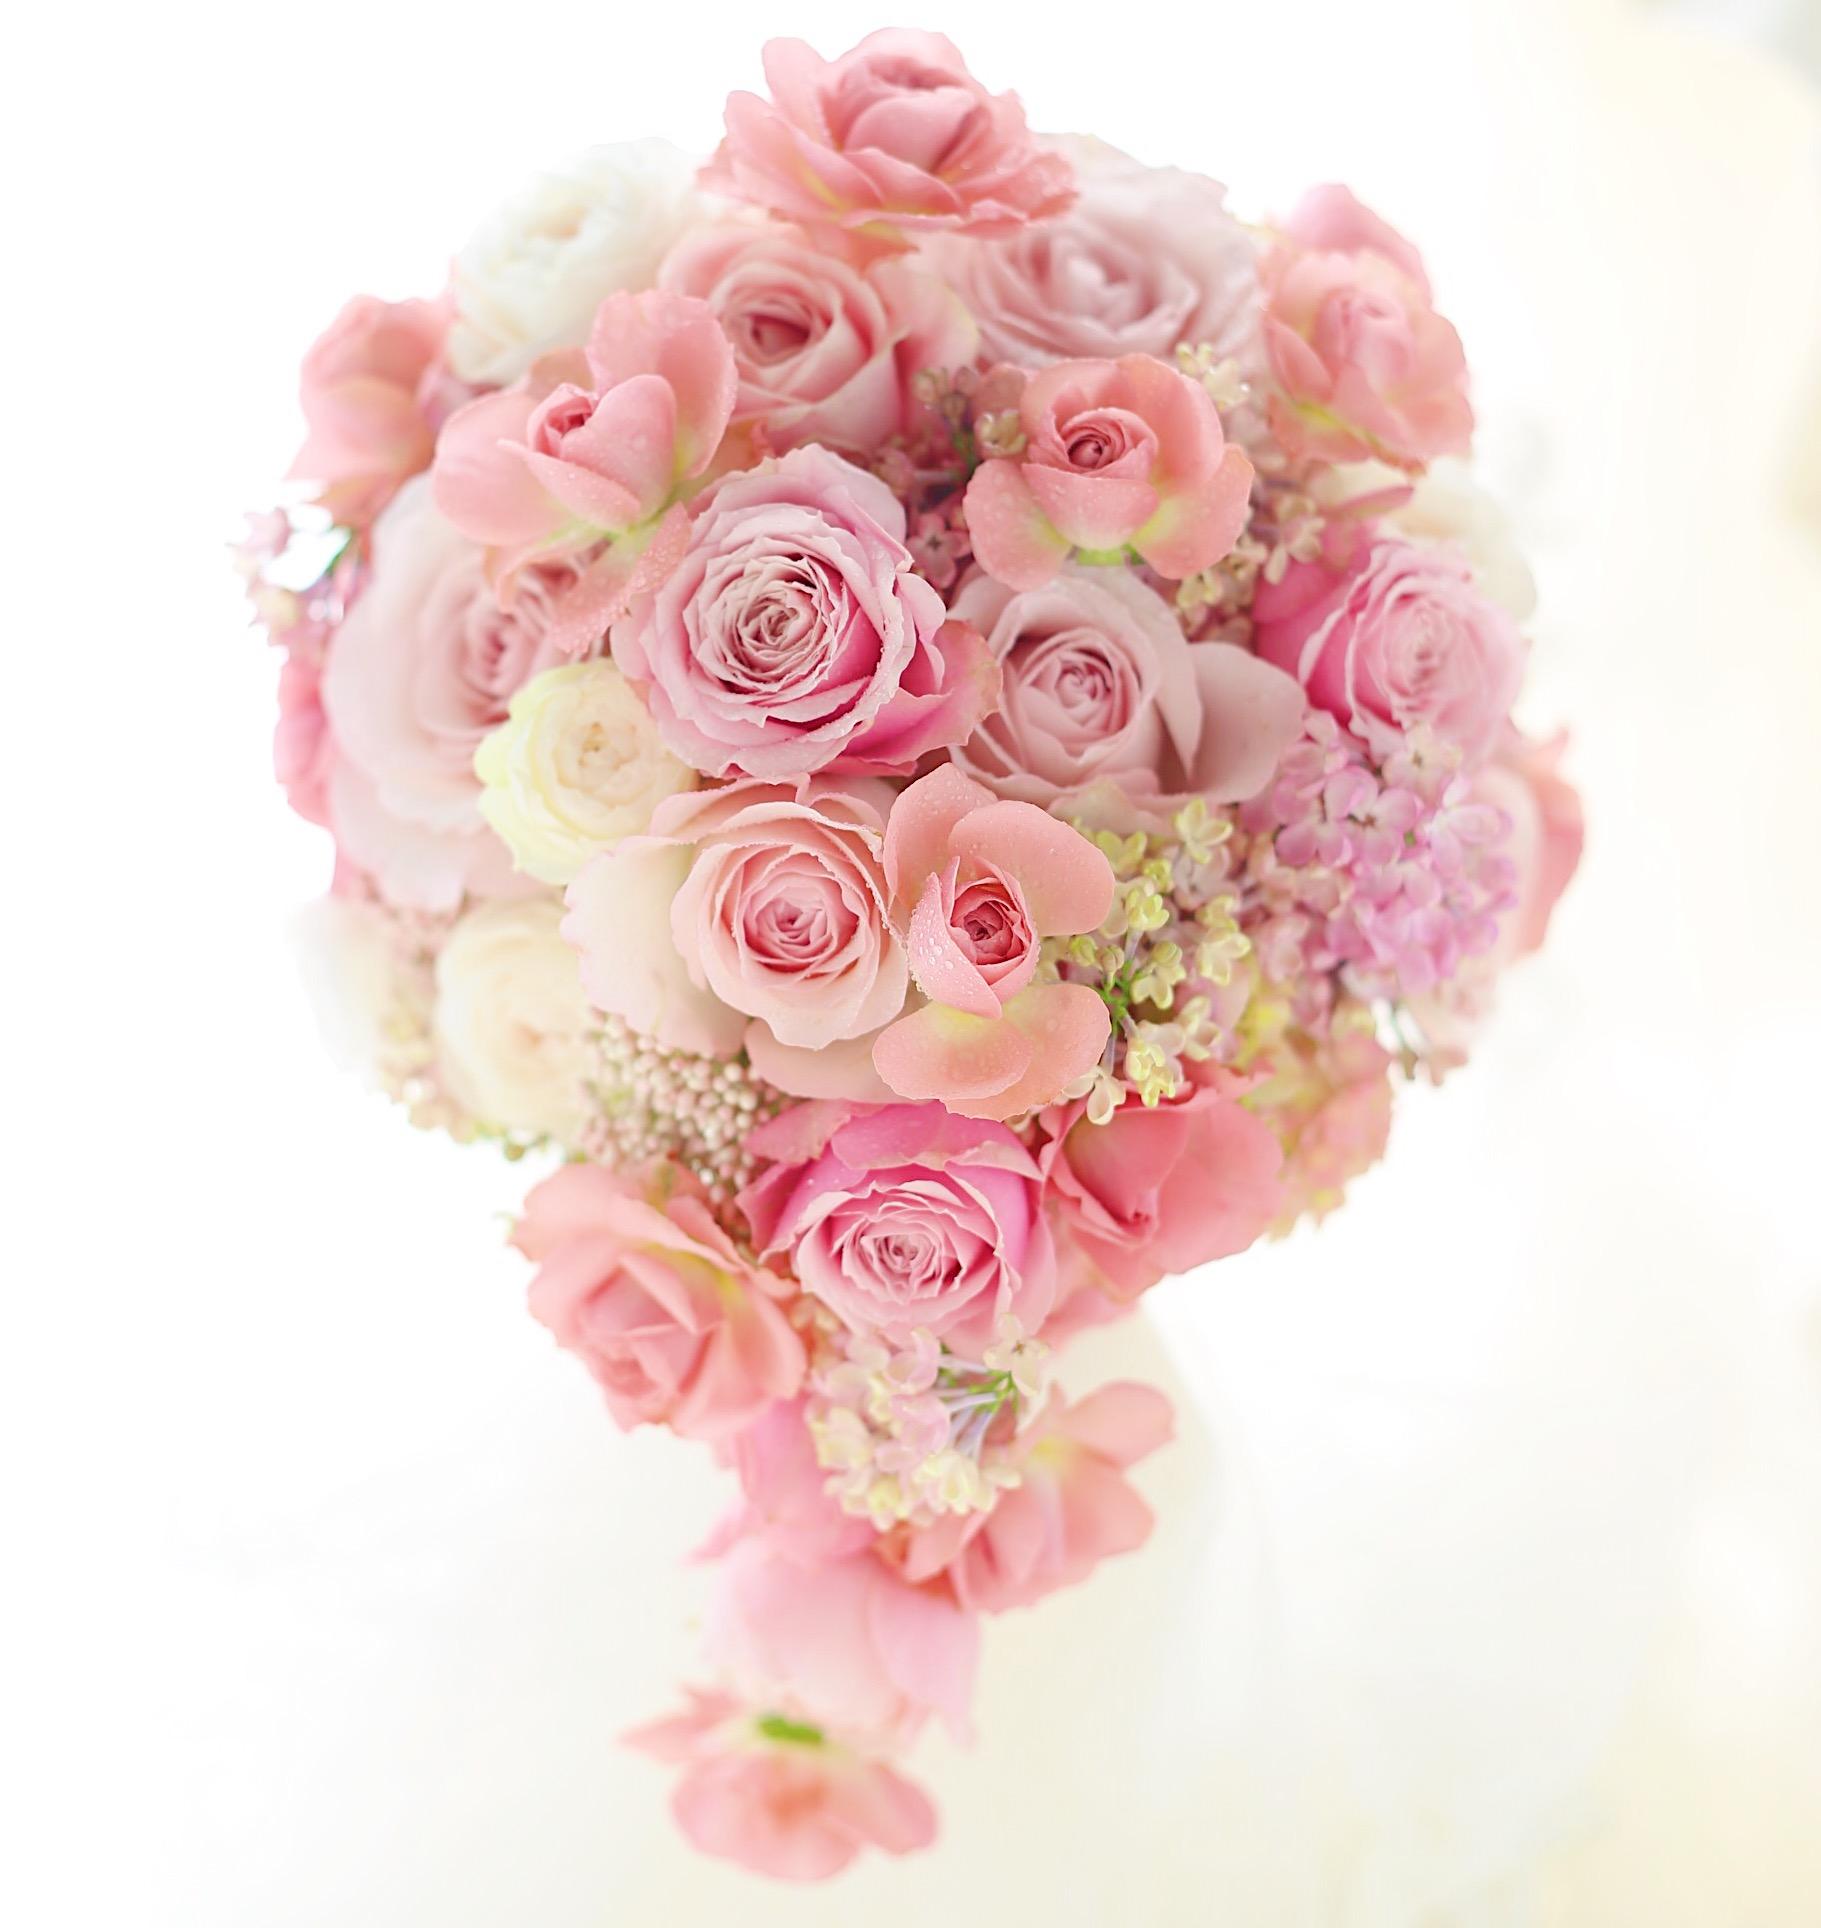 セミキャスケードブーケ セピアピンクと甘いピンク M-カントリーボーイ_a0042928_15282866.jpg